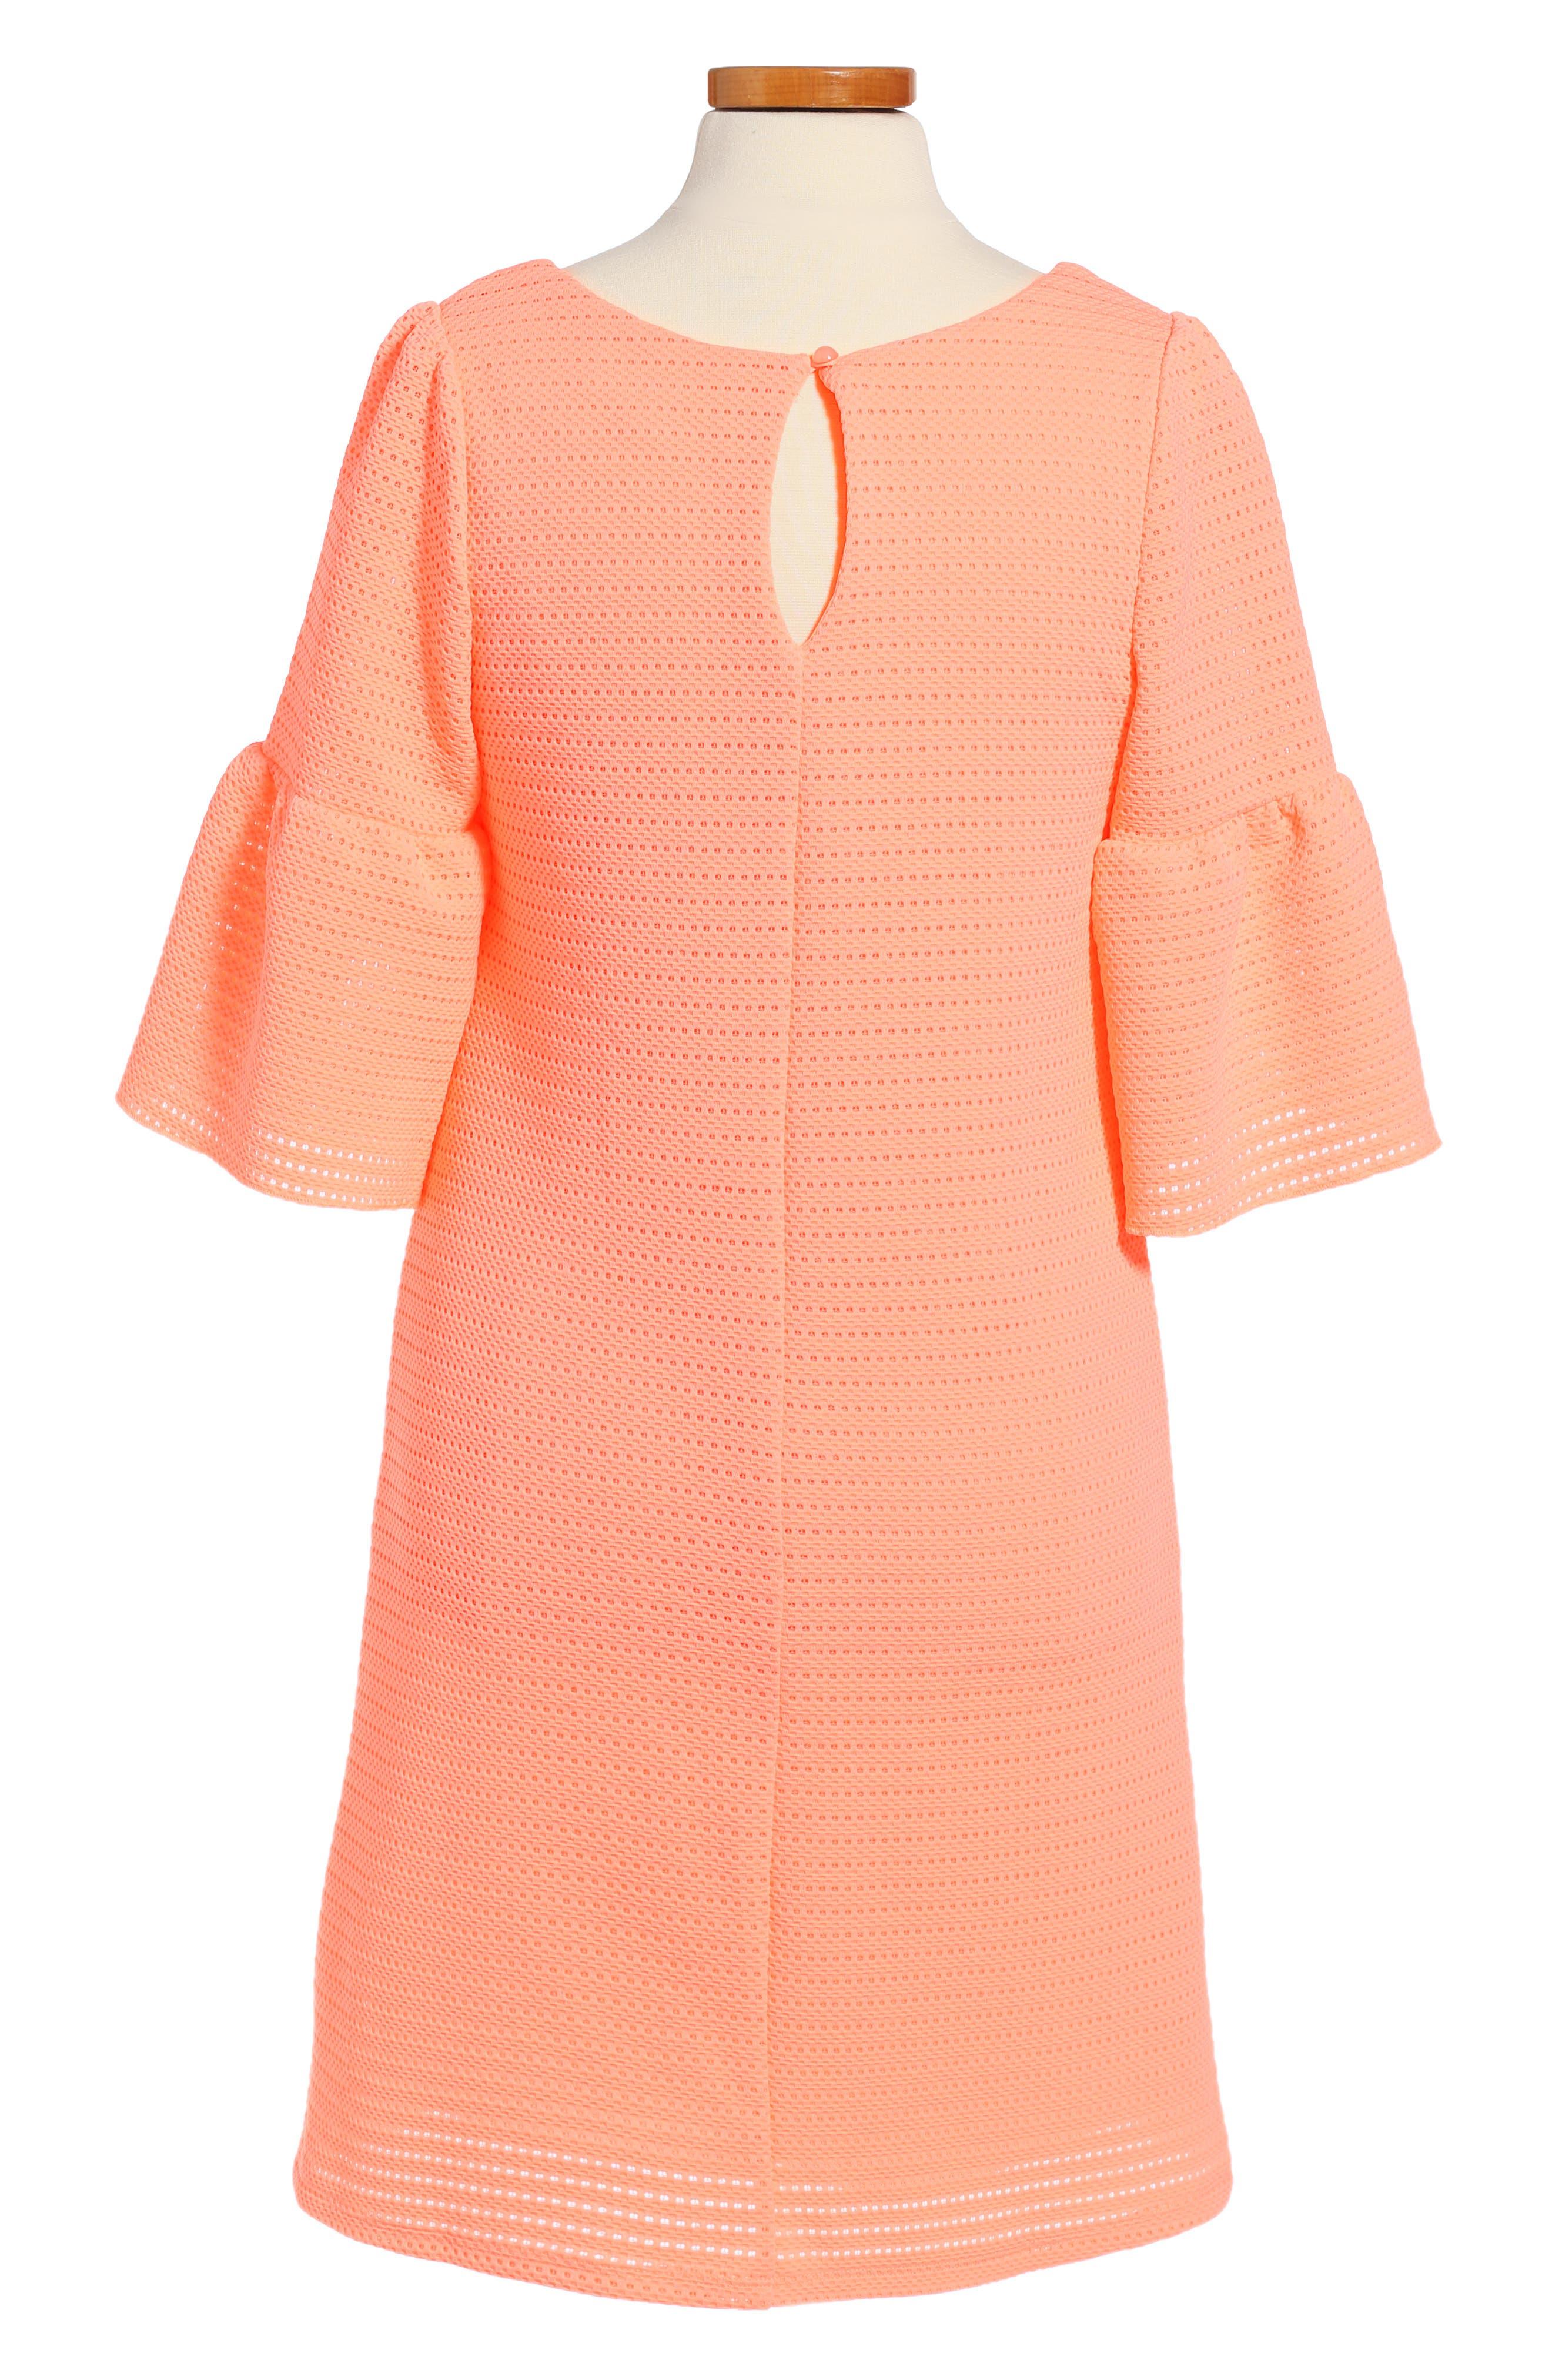 Alternate Image 2  - Love, Nickie Lew Bell Sleeve Dress (Big Girls)